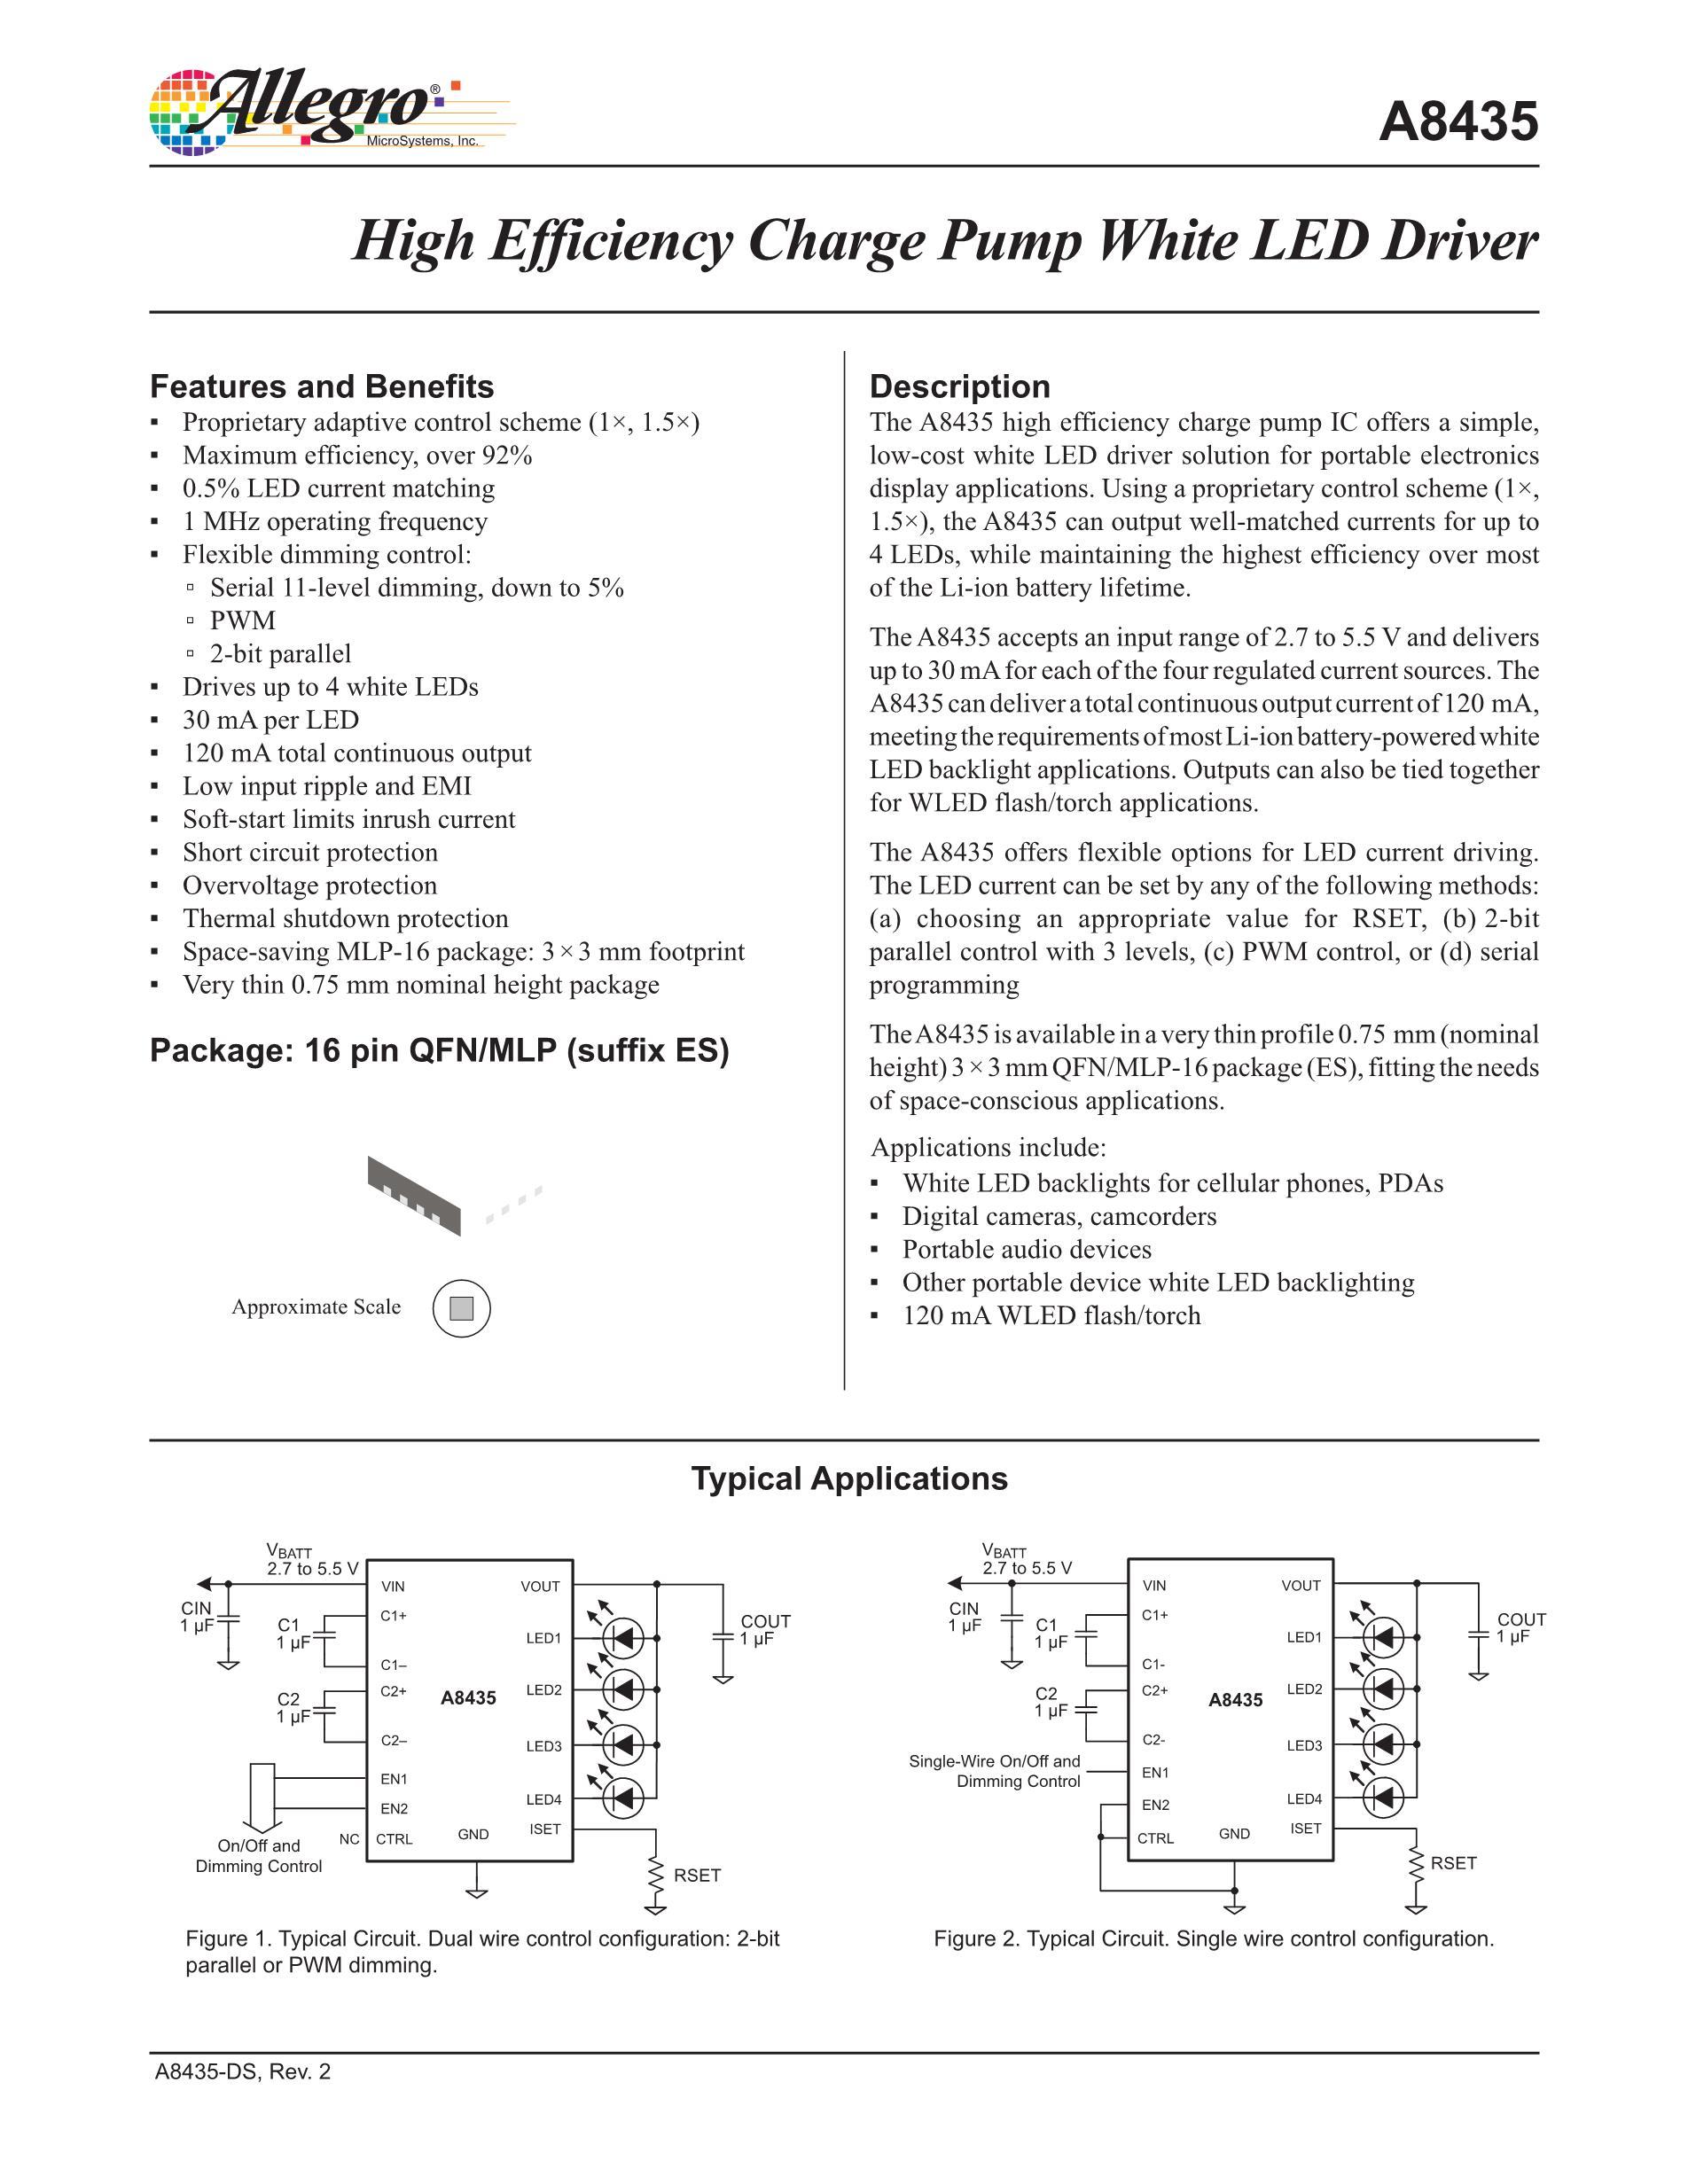 A8435EESTR-T's pdf picture 2